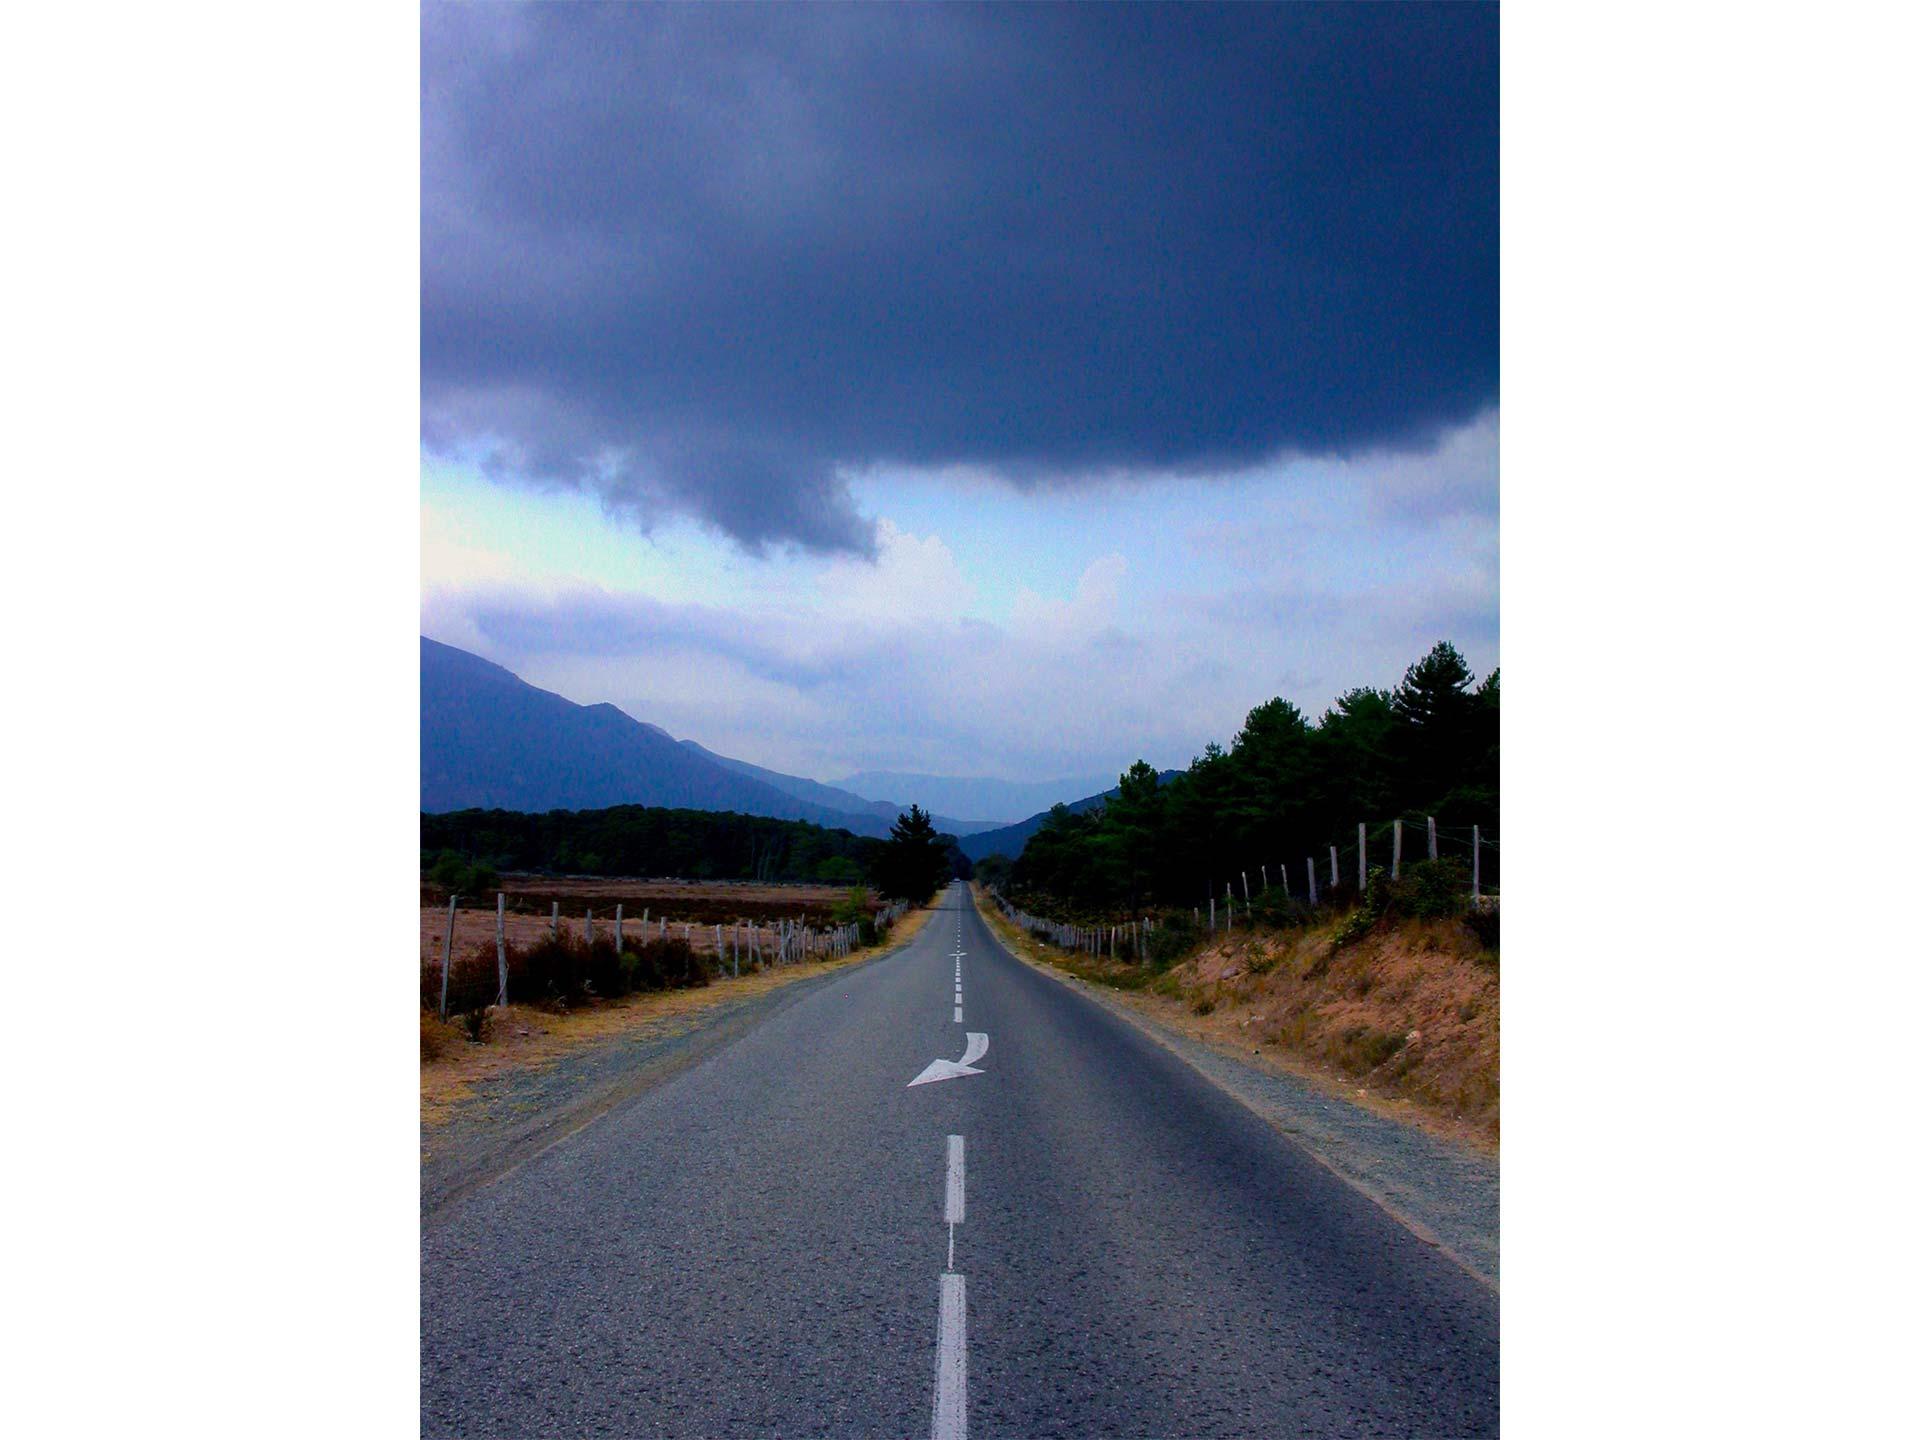 BLEU 7 (La route) - Blandine Armand - série photos